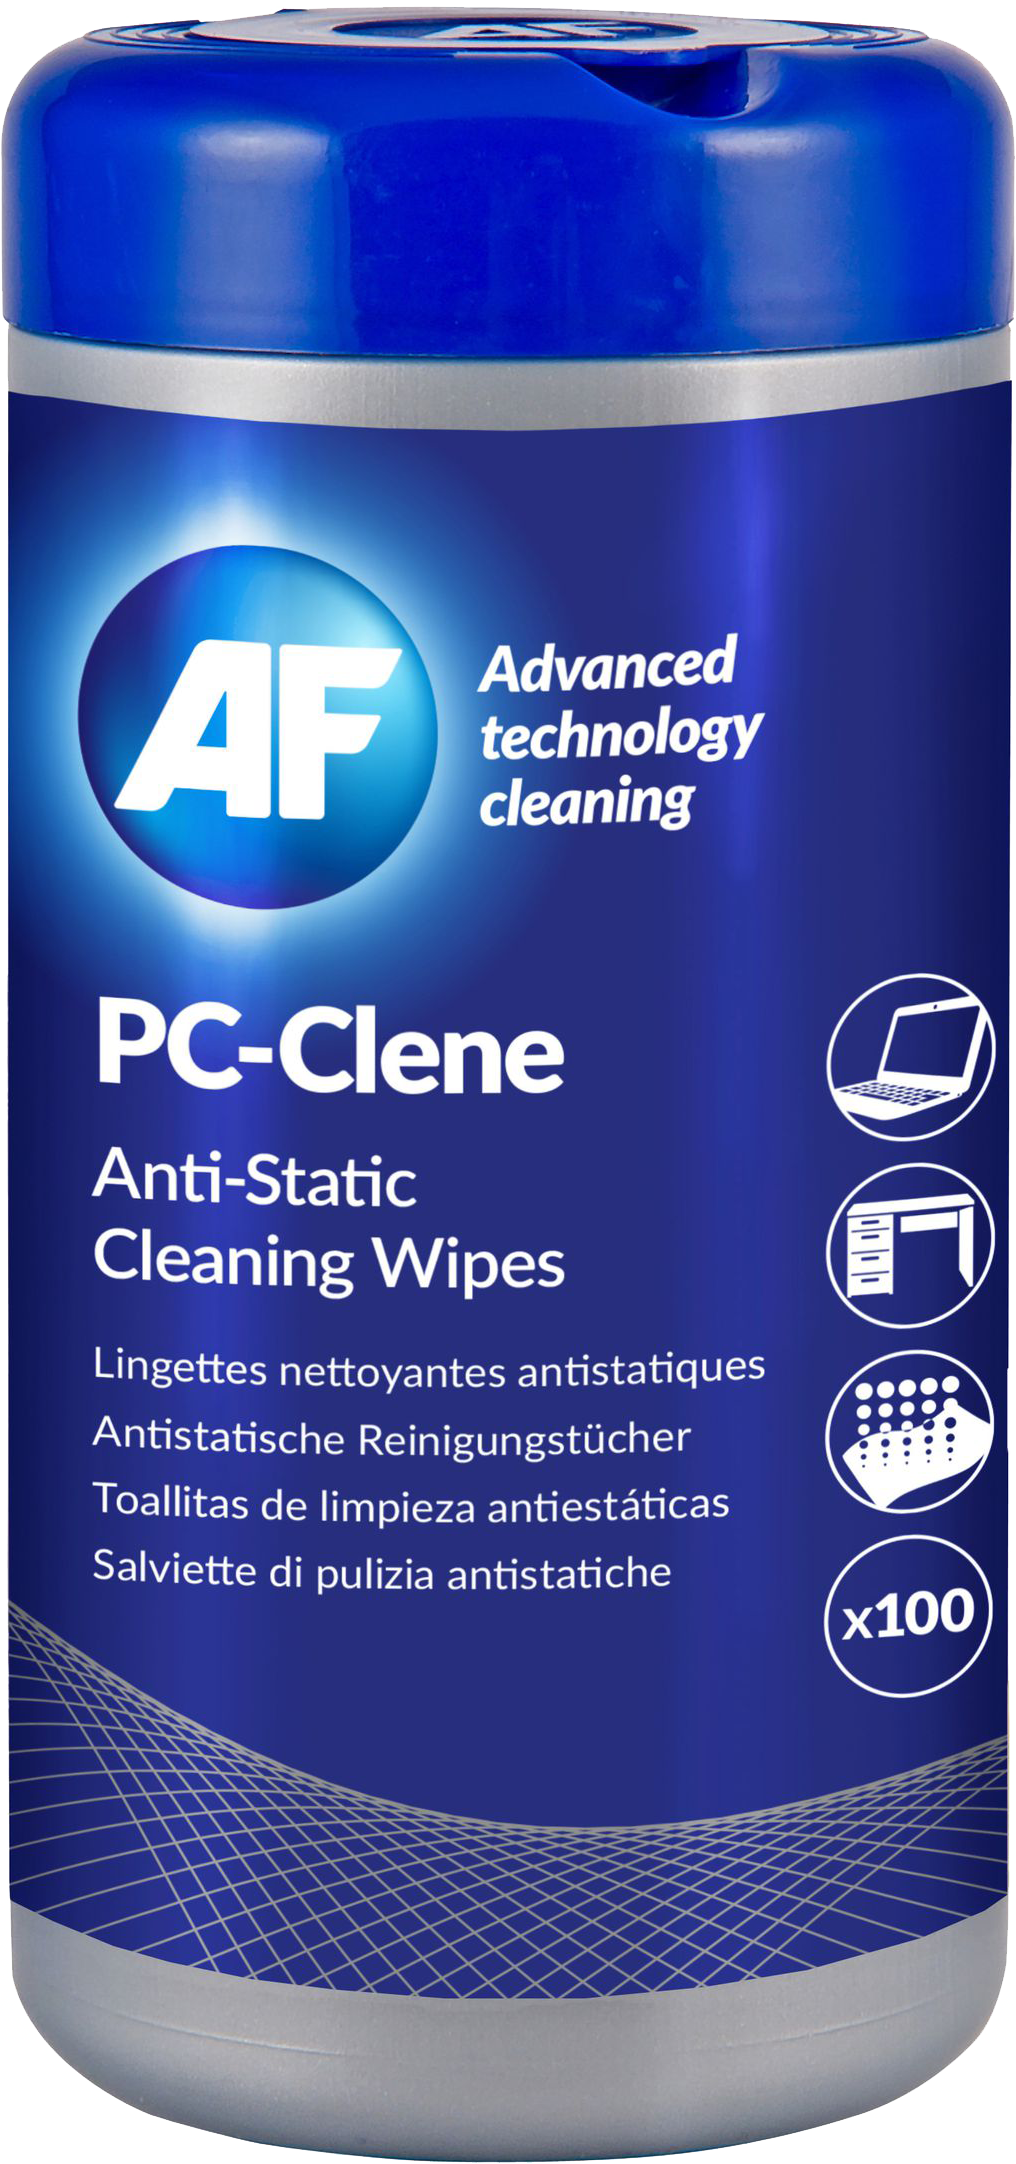 AF Anti-statische schoonmaakdoekjes dispenser